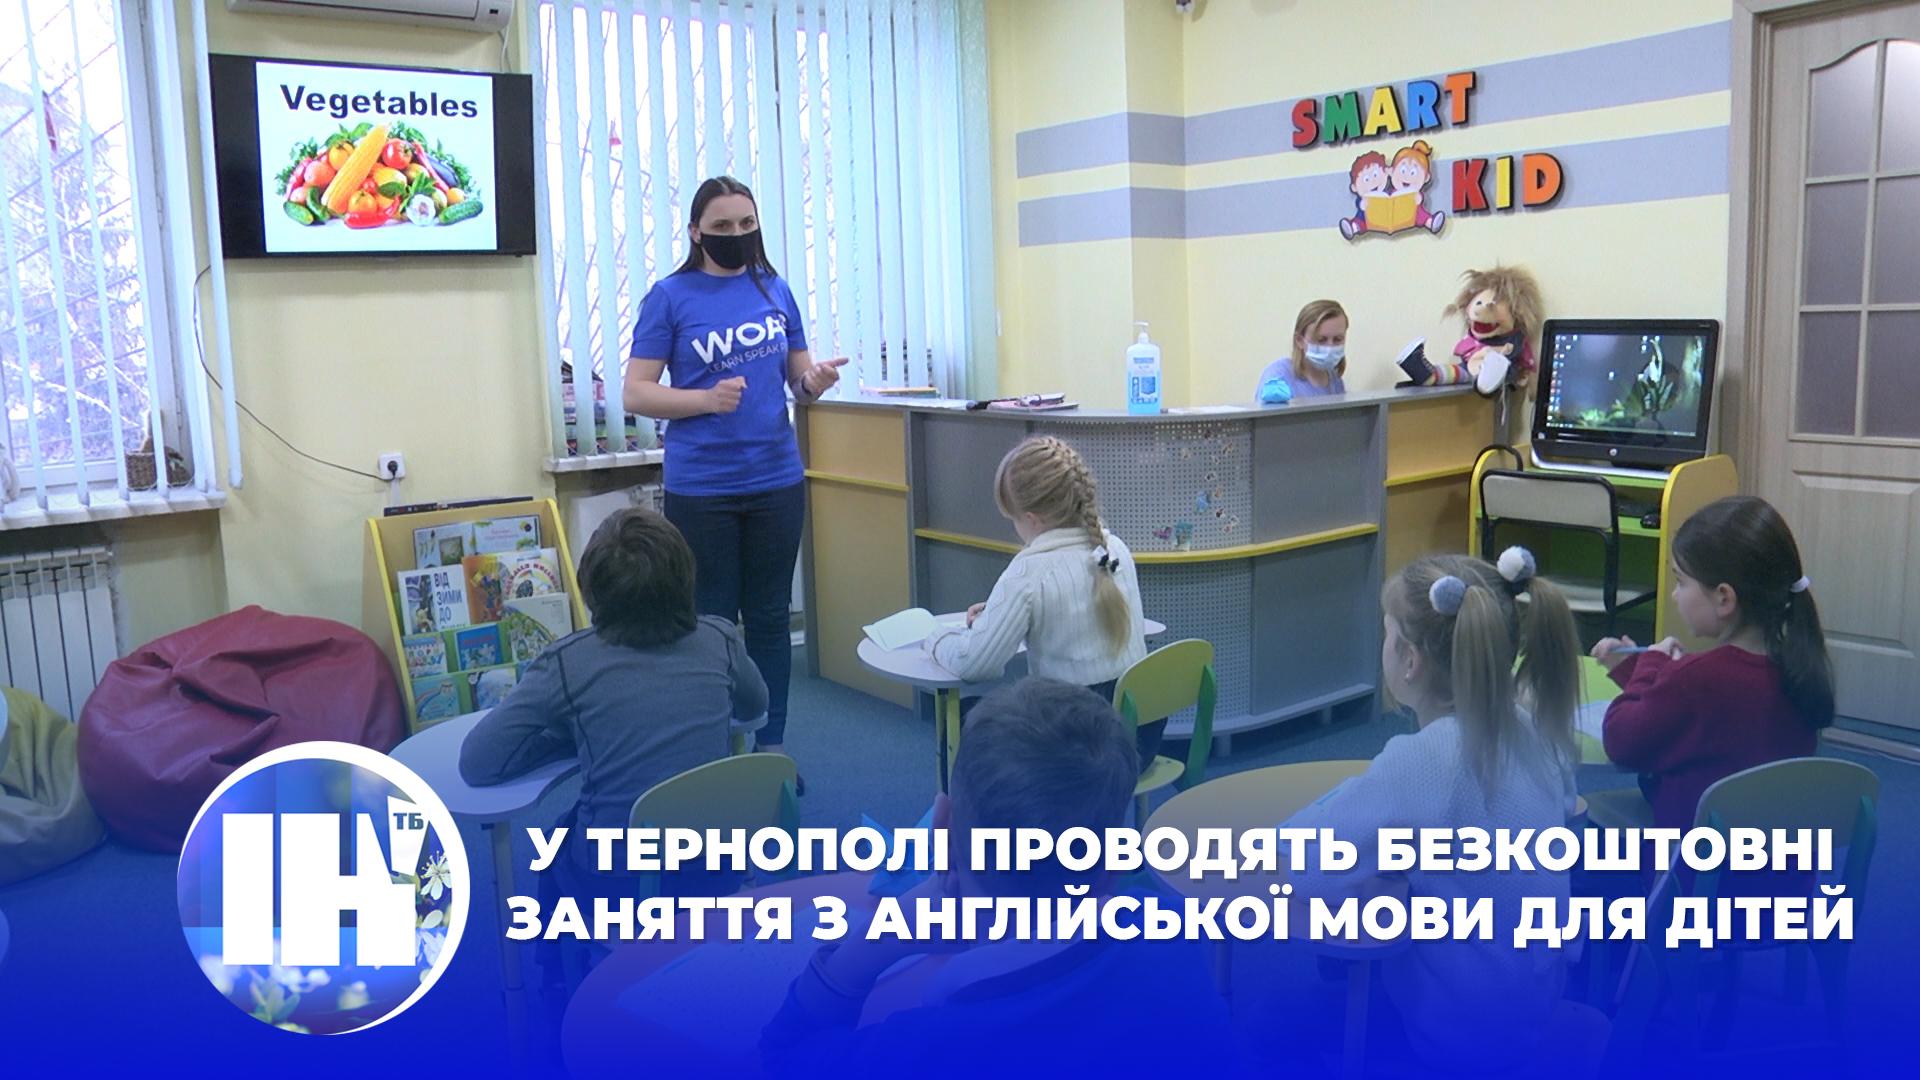 У Тернополі проводять безкоштовні заняття з англійської мови для дітей